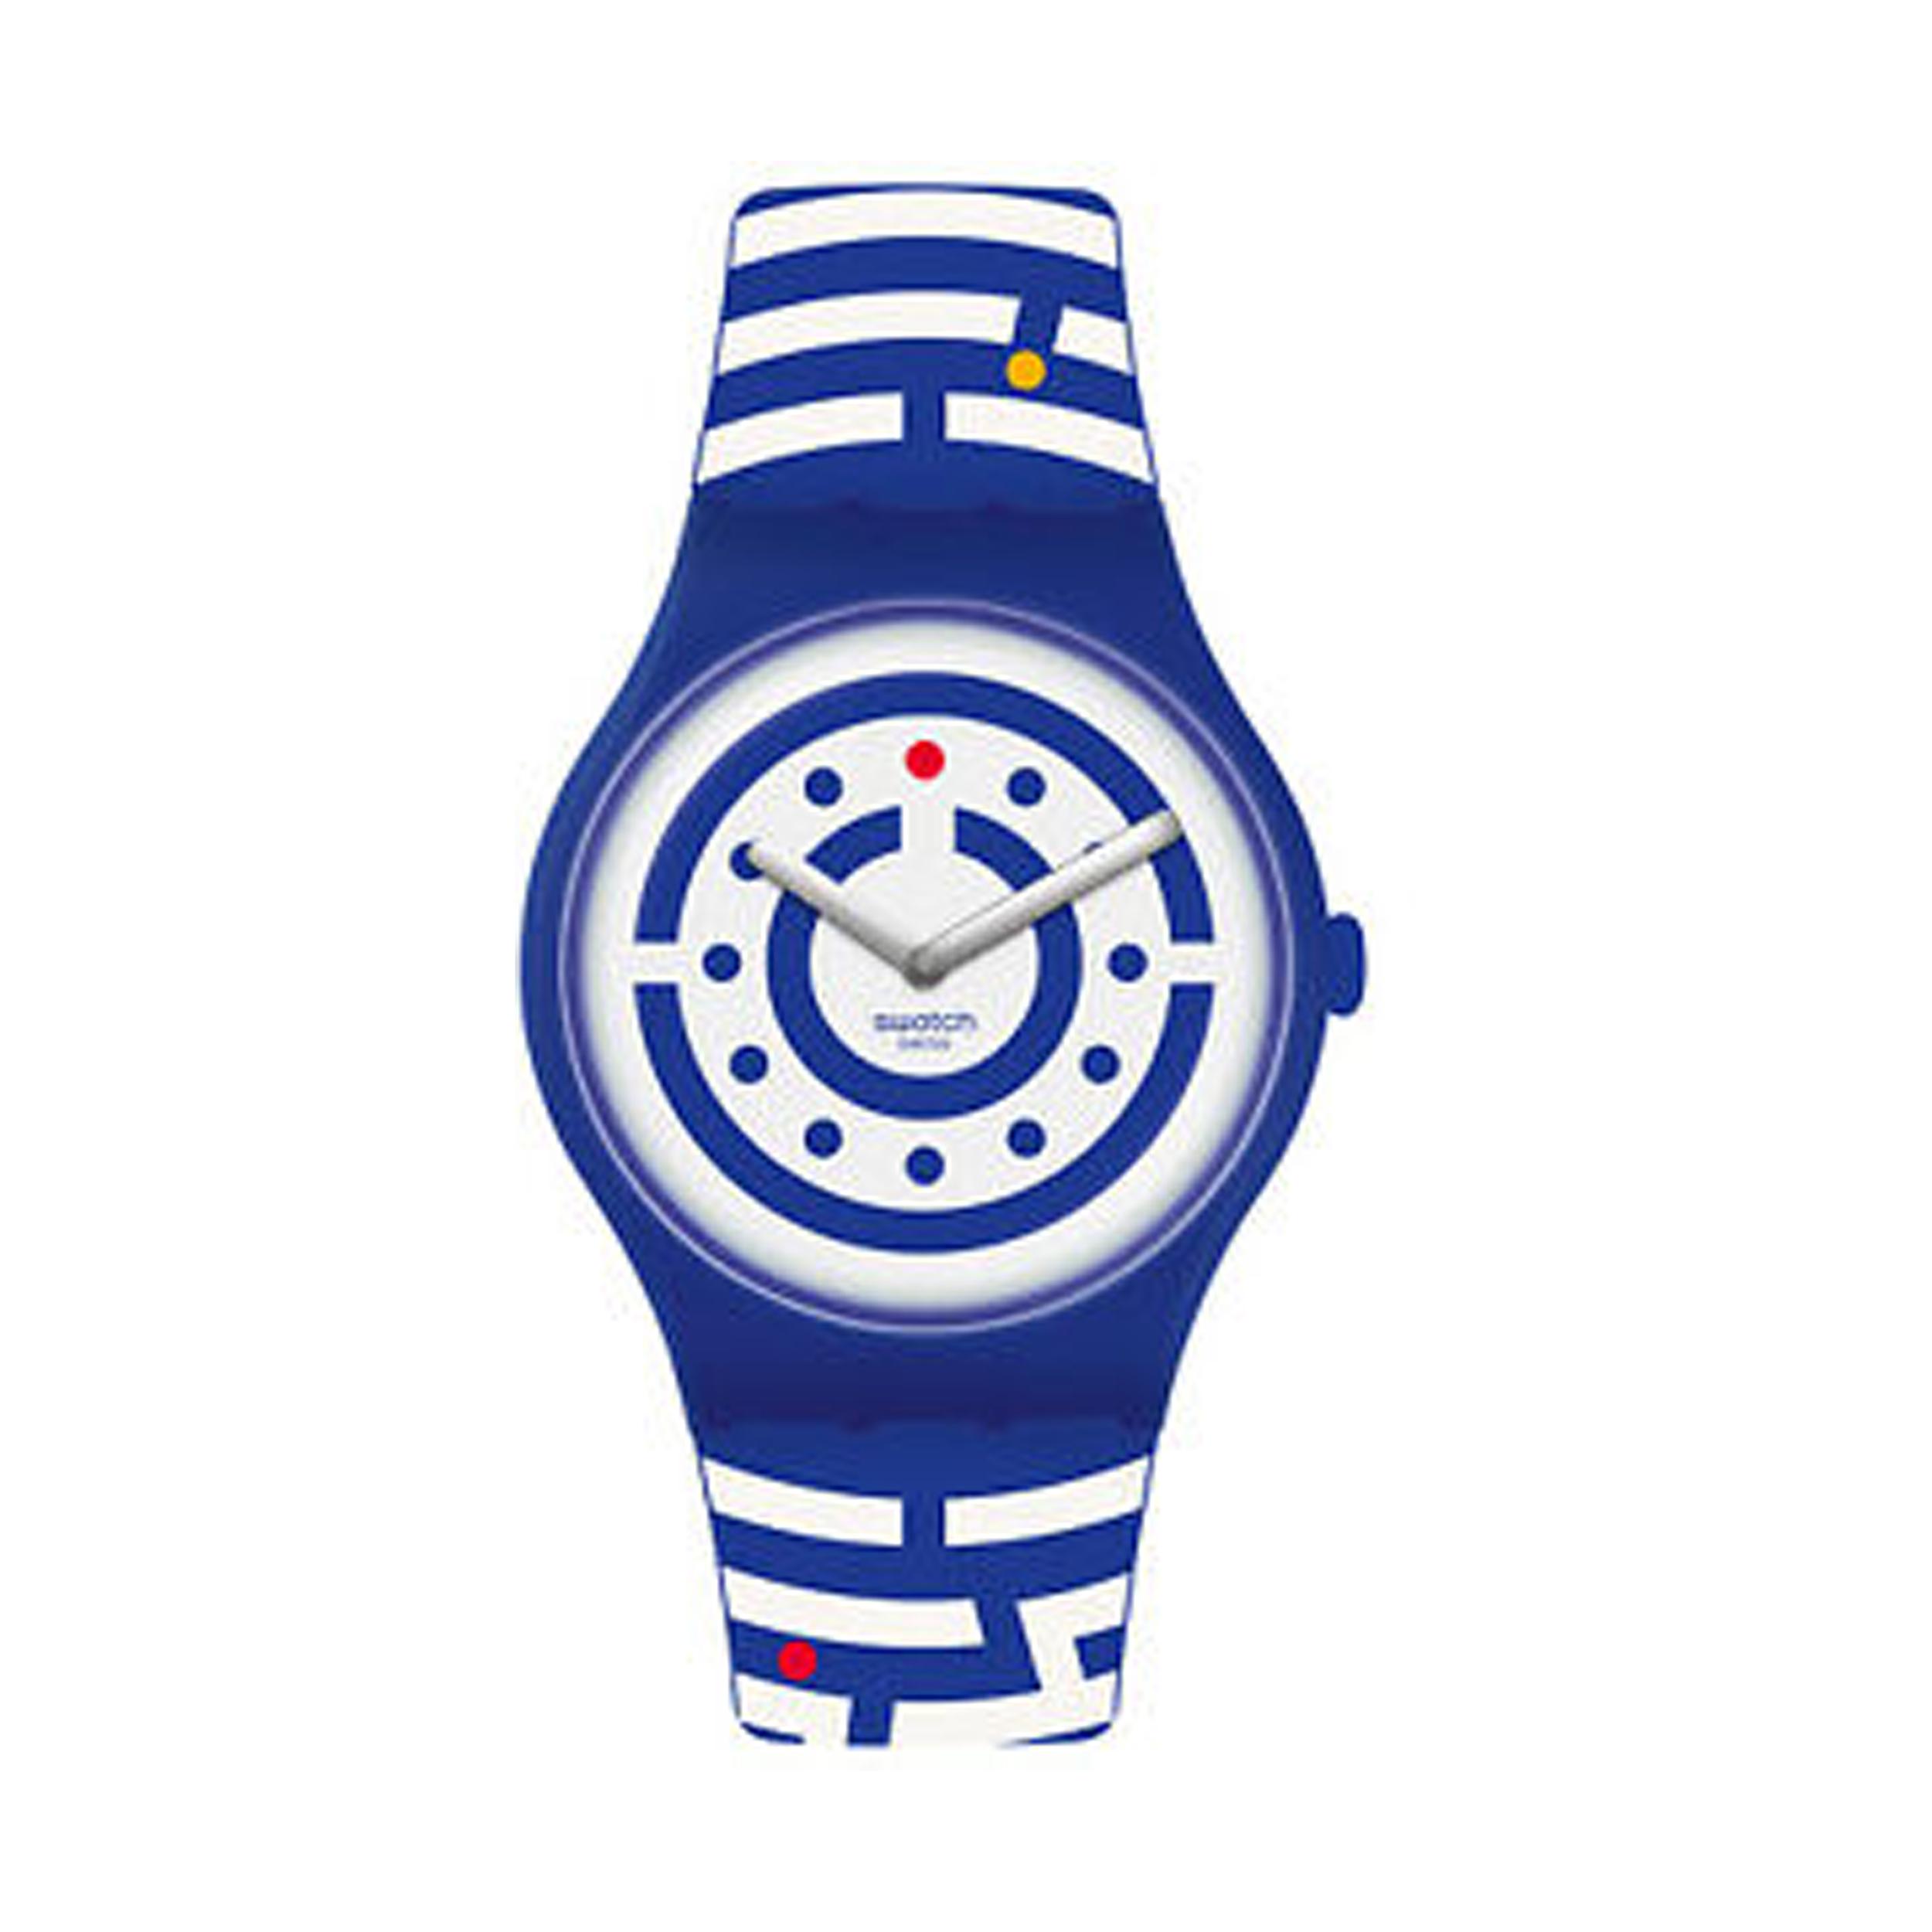 ساعت مچی عقربه ای سواچ مدل SUOZ279